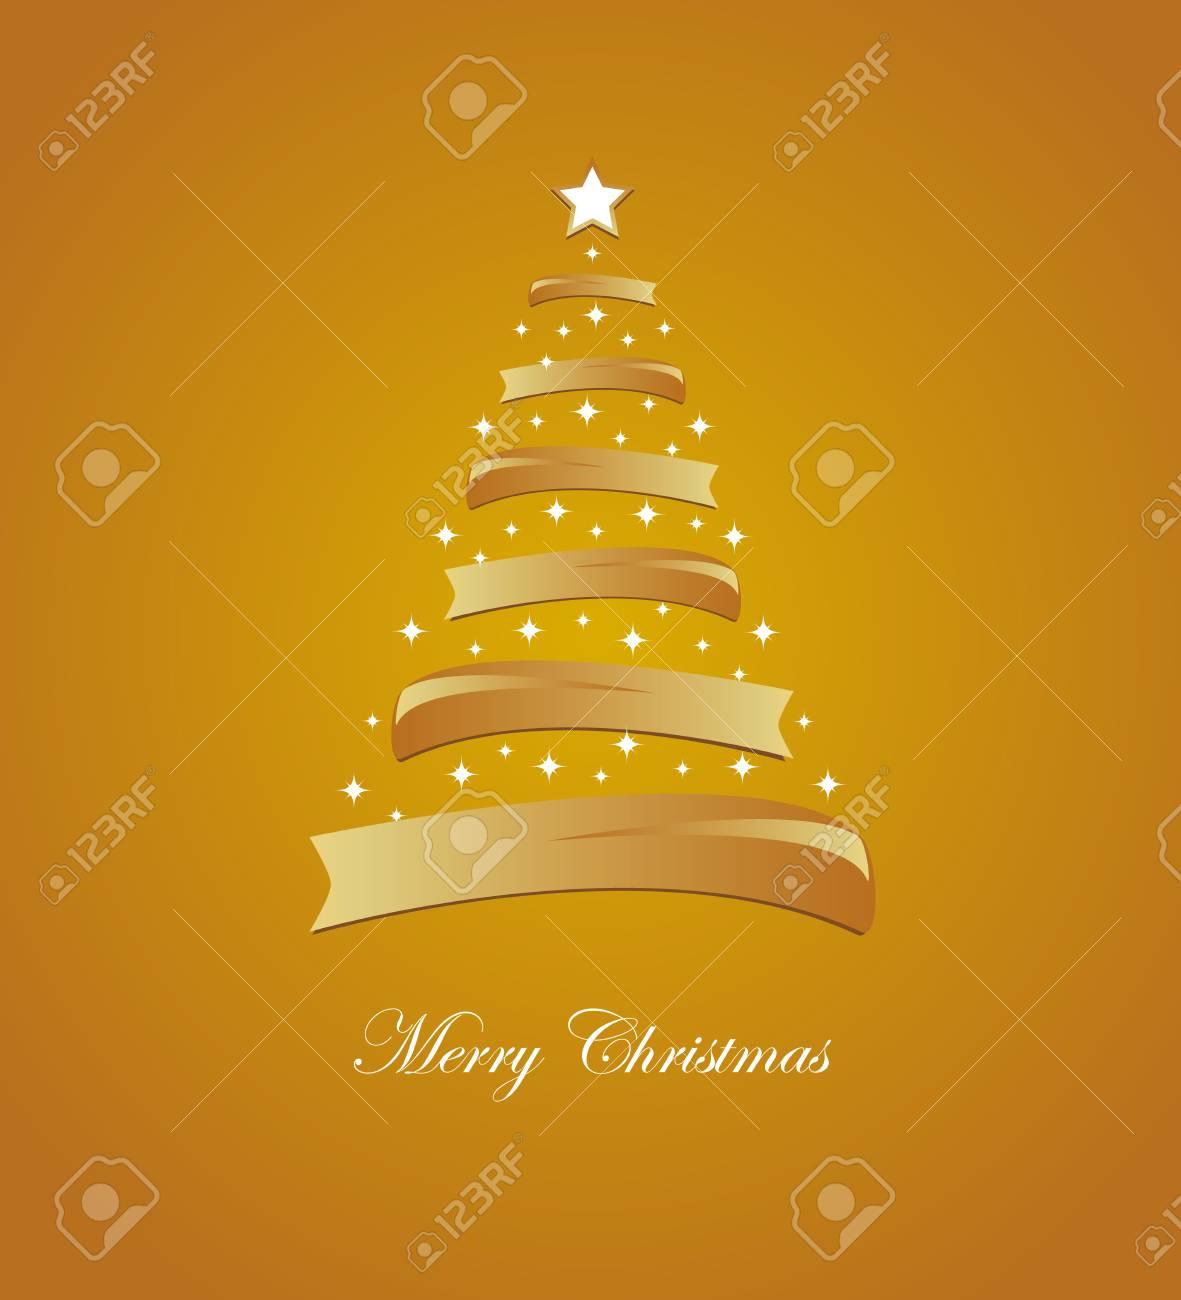 66caae29827 Foto de archivo - Tarjeta de Navidad con el árbol y las estrellas de oro  blanco y estilizada